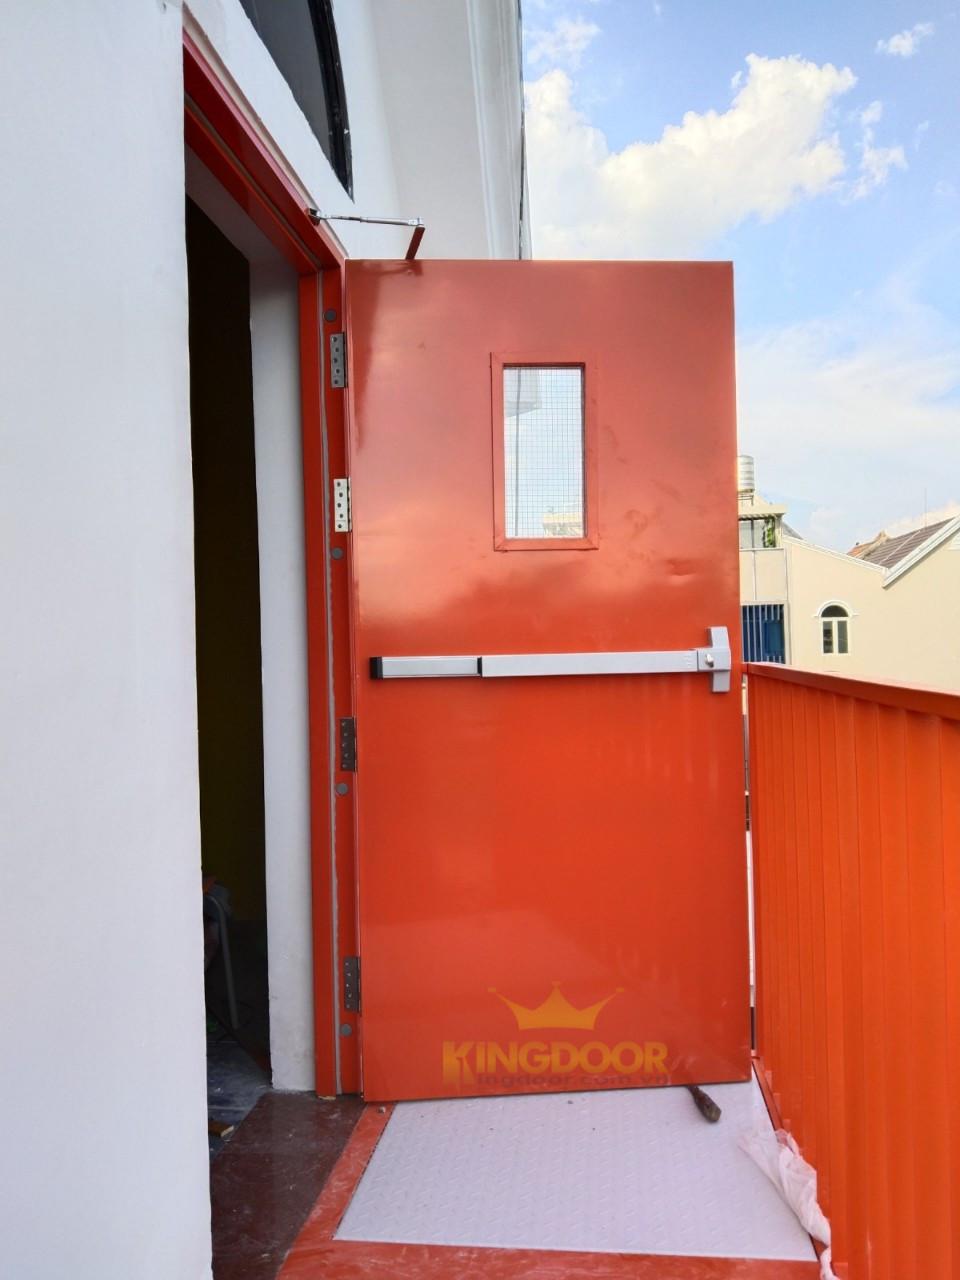 Giá Cửa Thép Chống Cháy Tại Nha Trang - Đạt Tiêu Chuẩn PCCC - 6